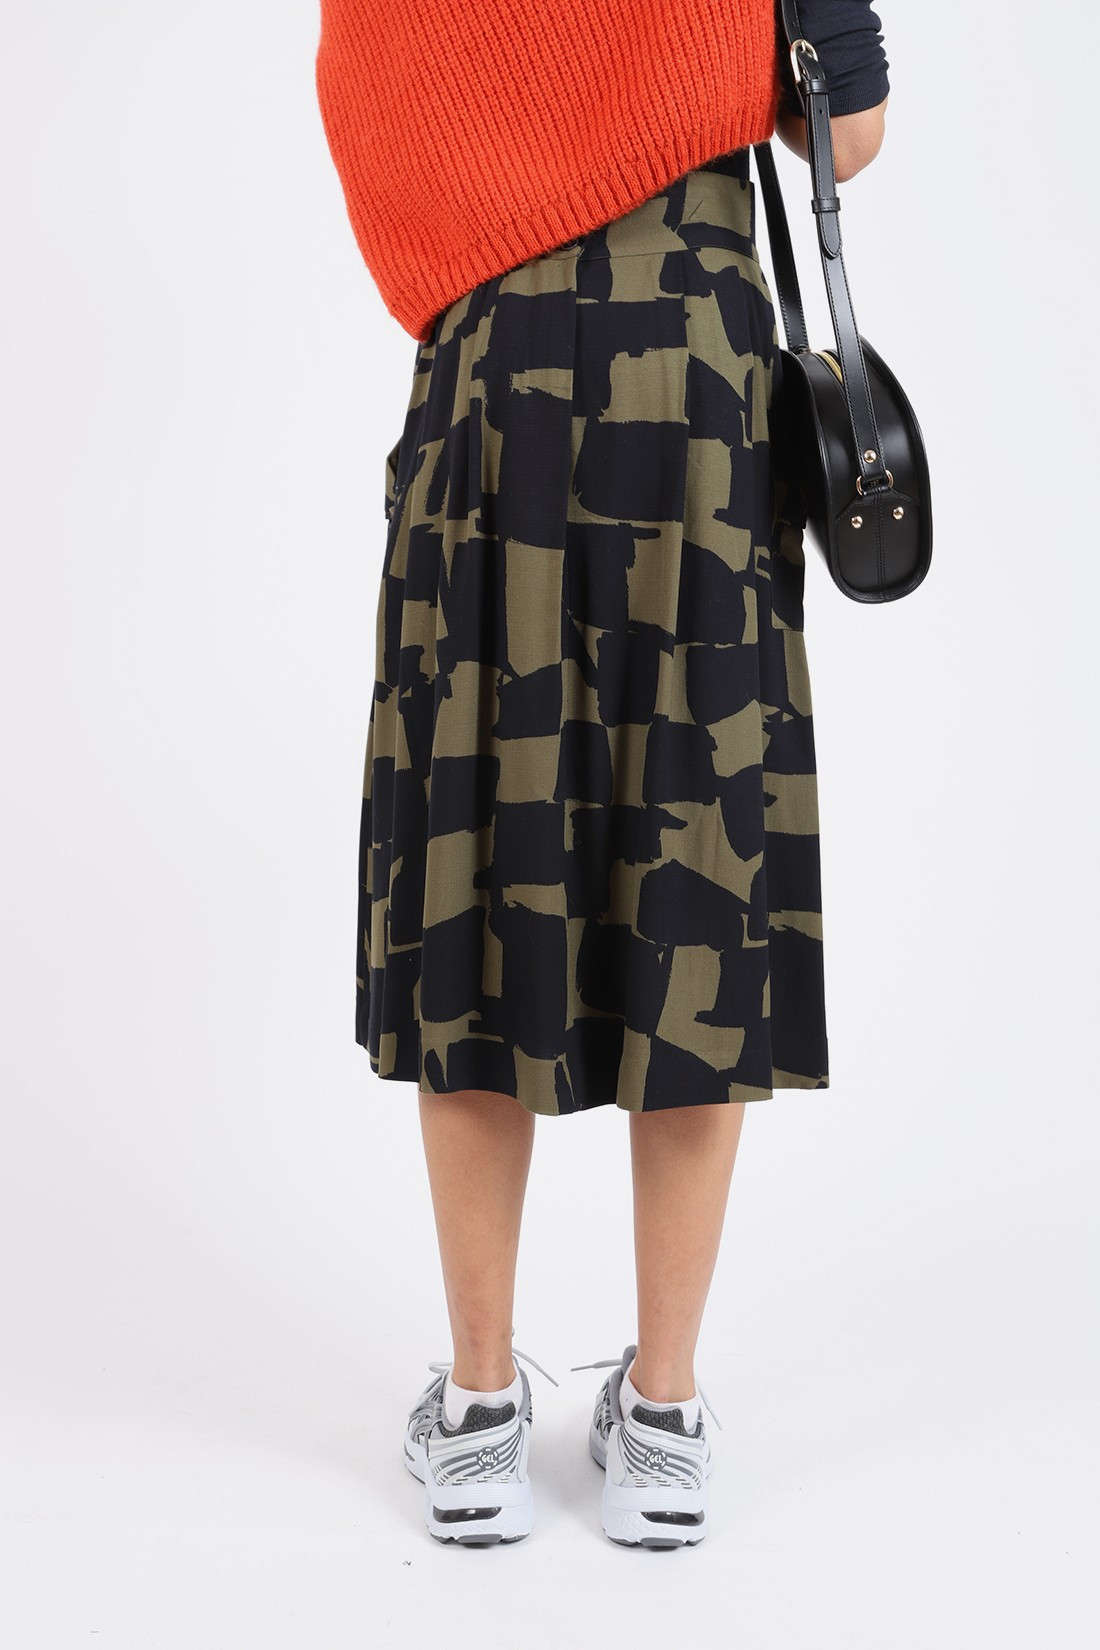 BELLEROSE FOR WOMAN / Hostie skirt Combo a